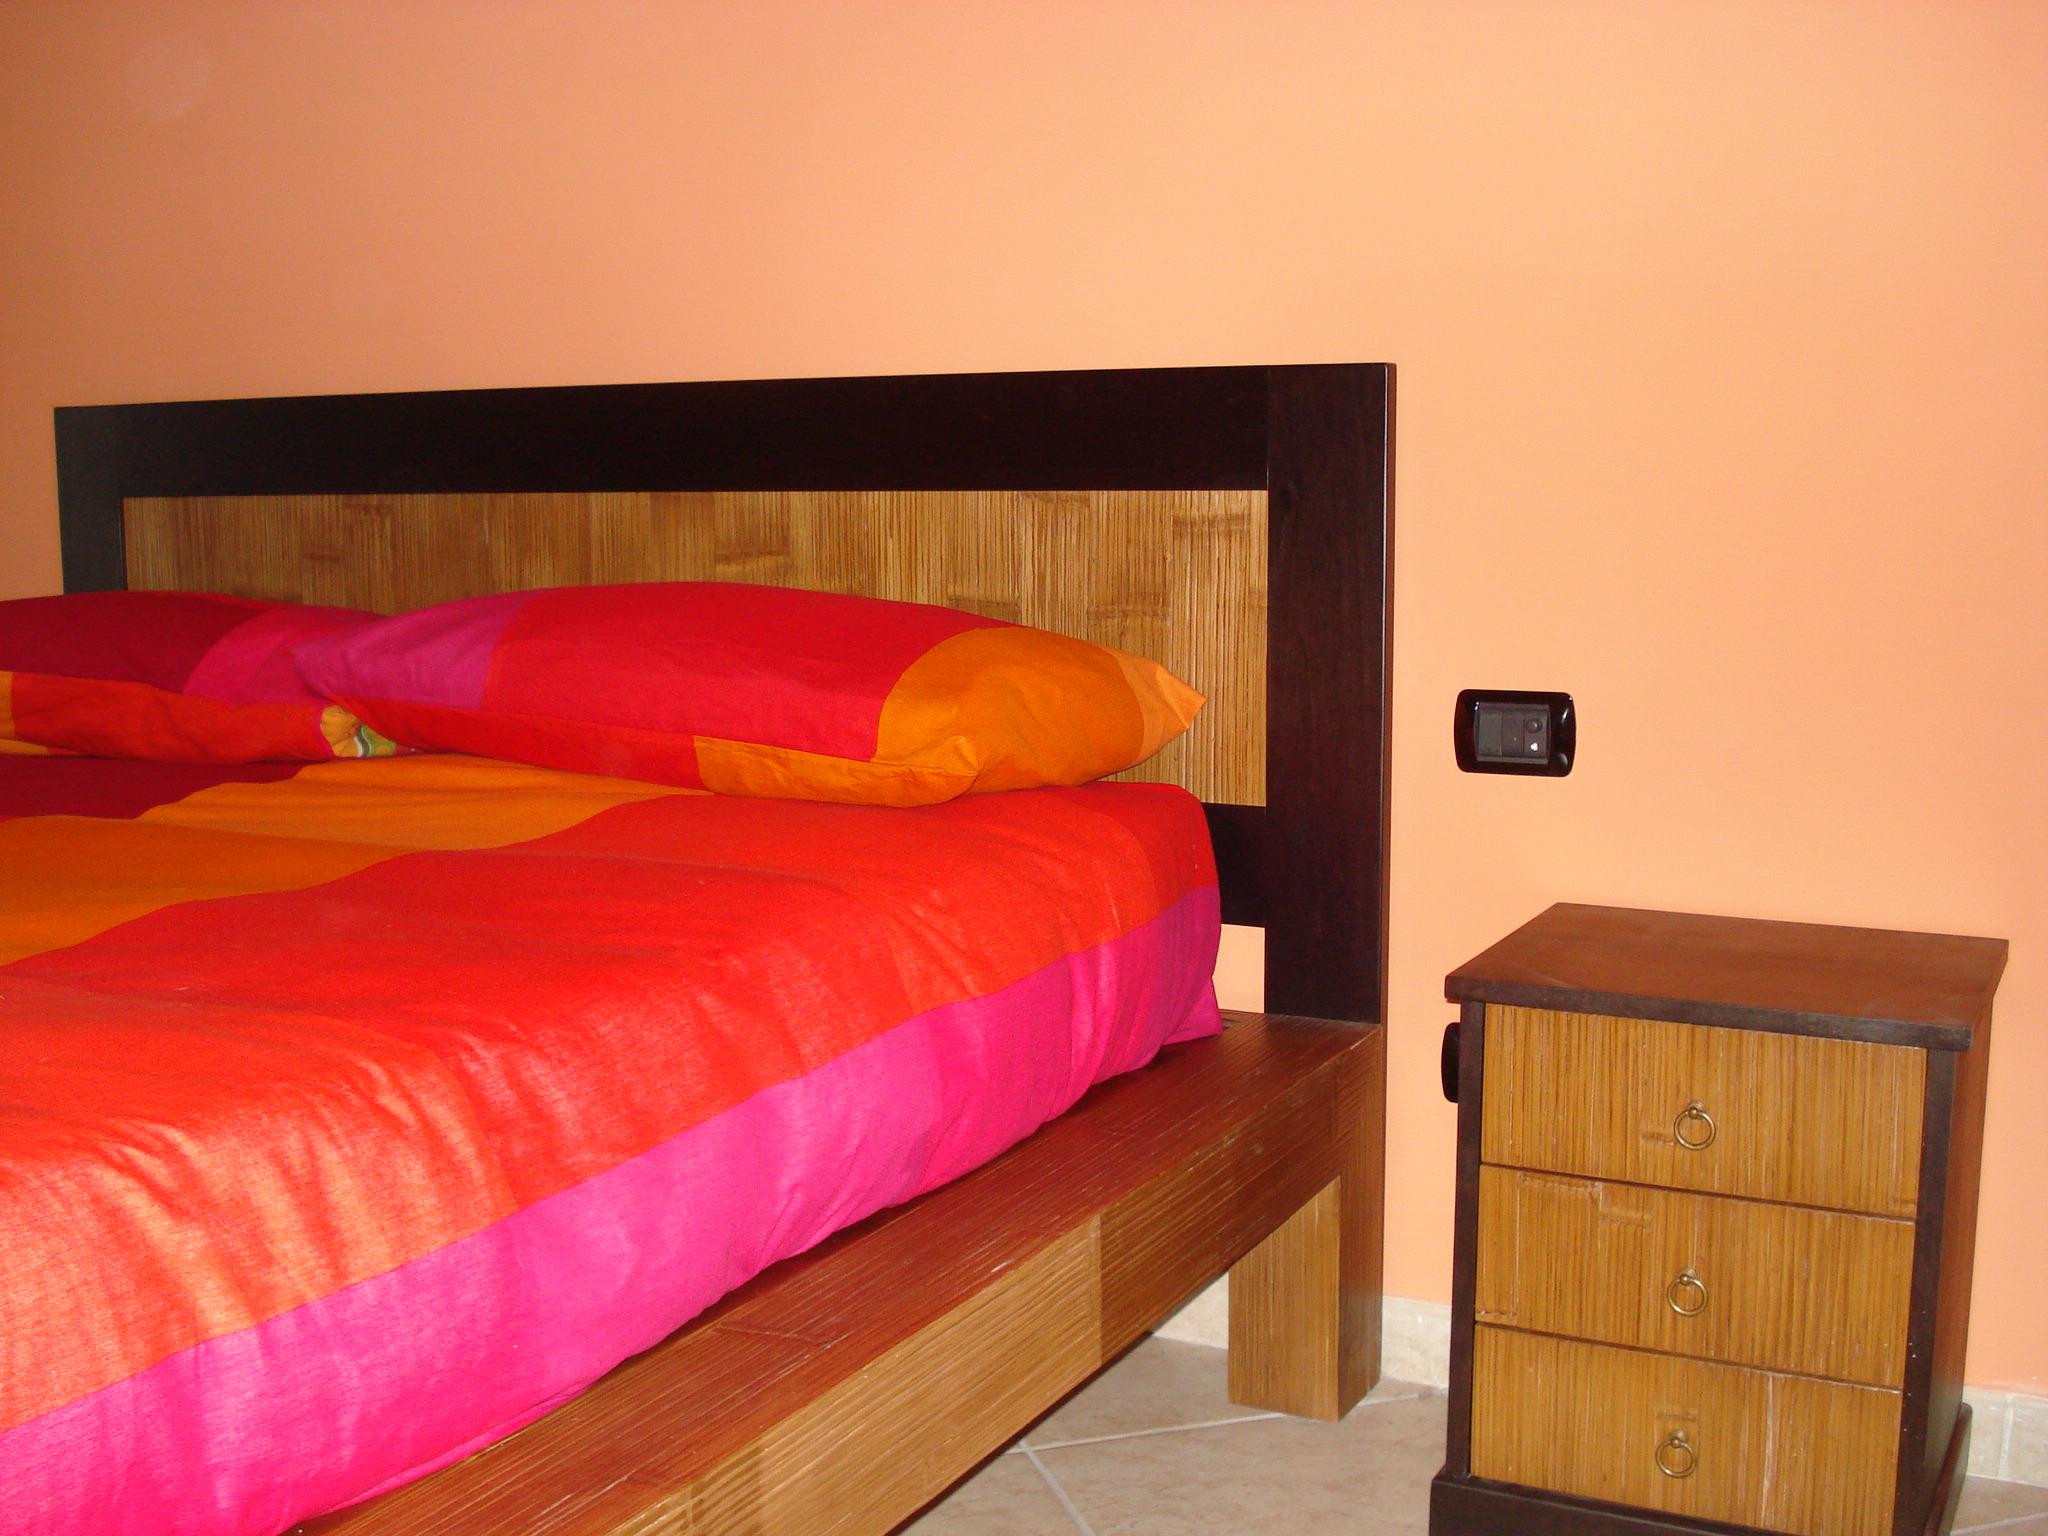 Muller muller centro rattan fabbrica artigianale - Camere da letto in legno naturale ...